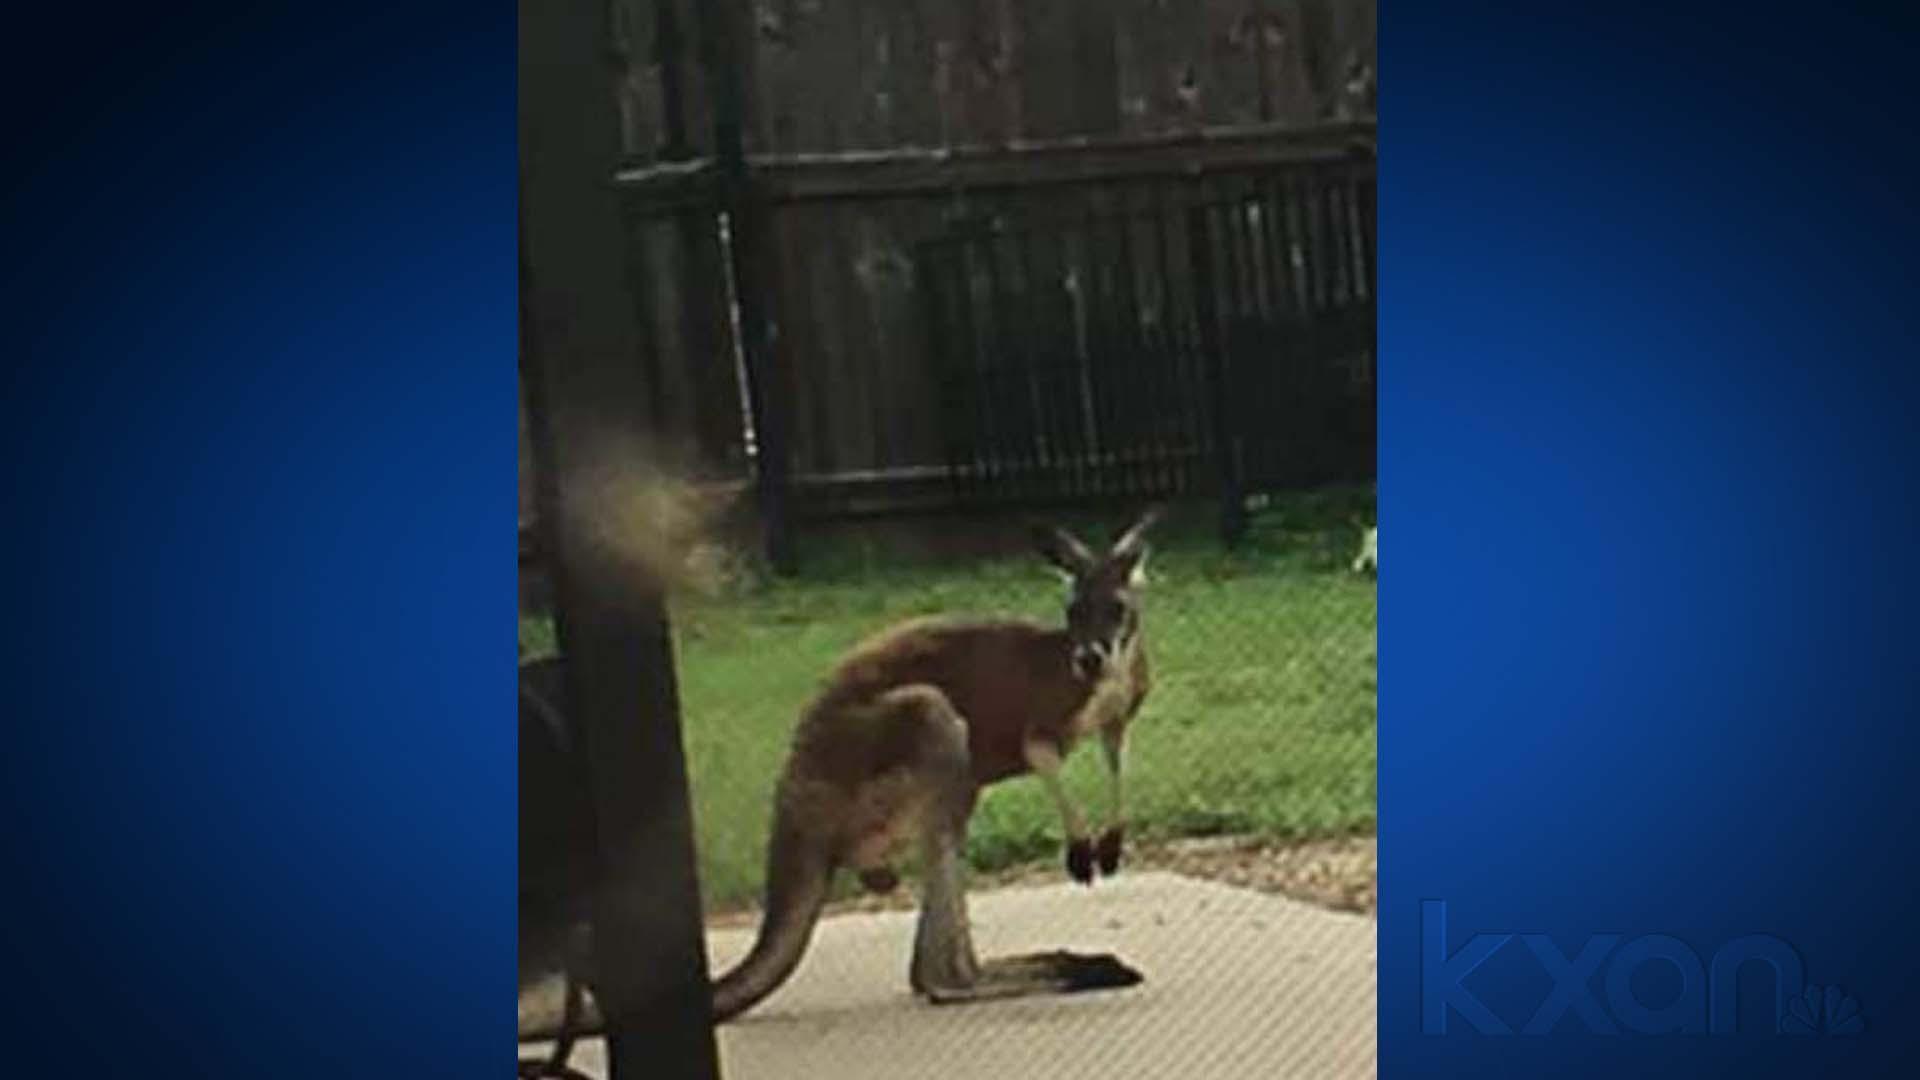 kangaroo in hays county 2_1556143228014.jpg.jpg